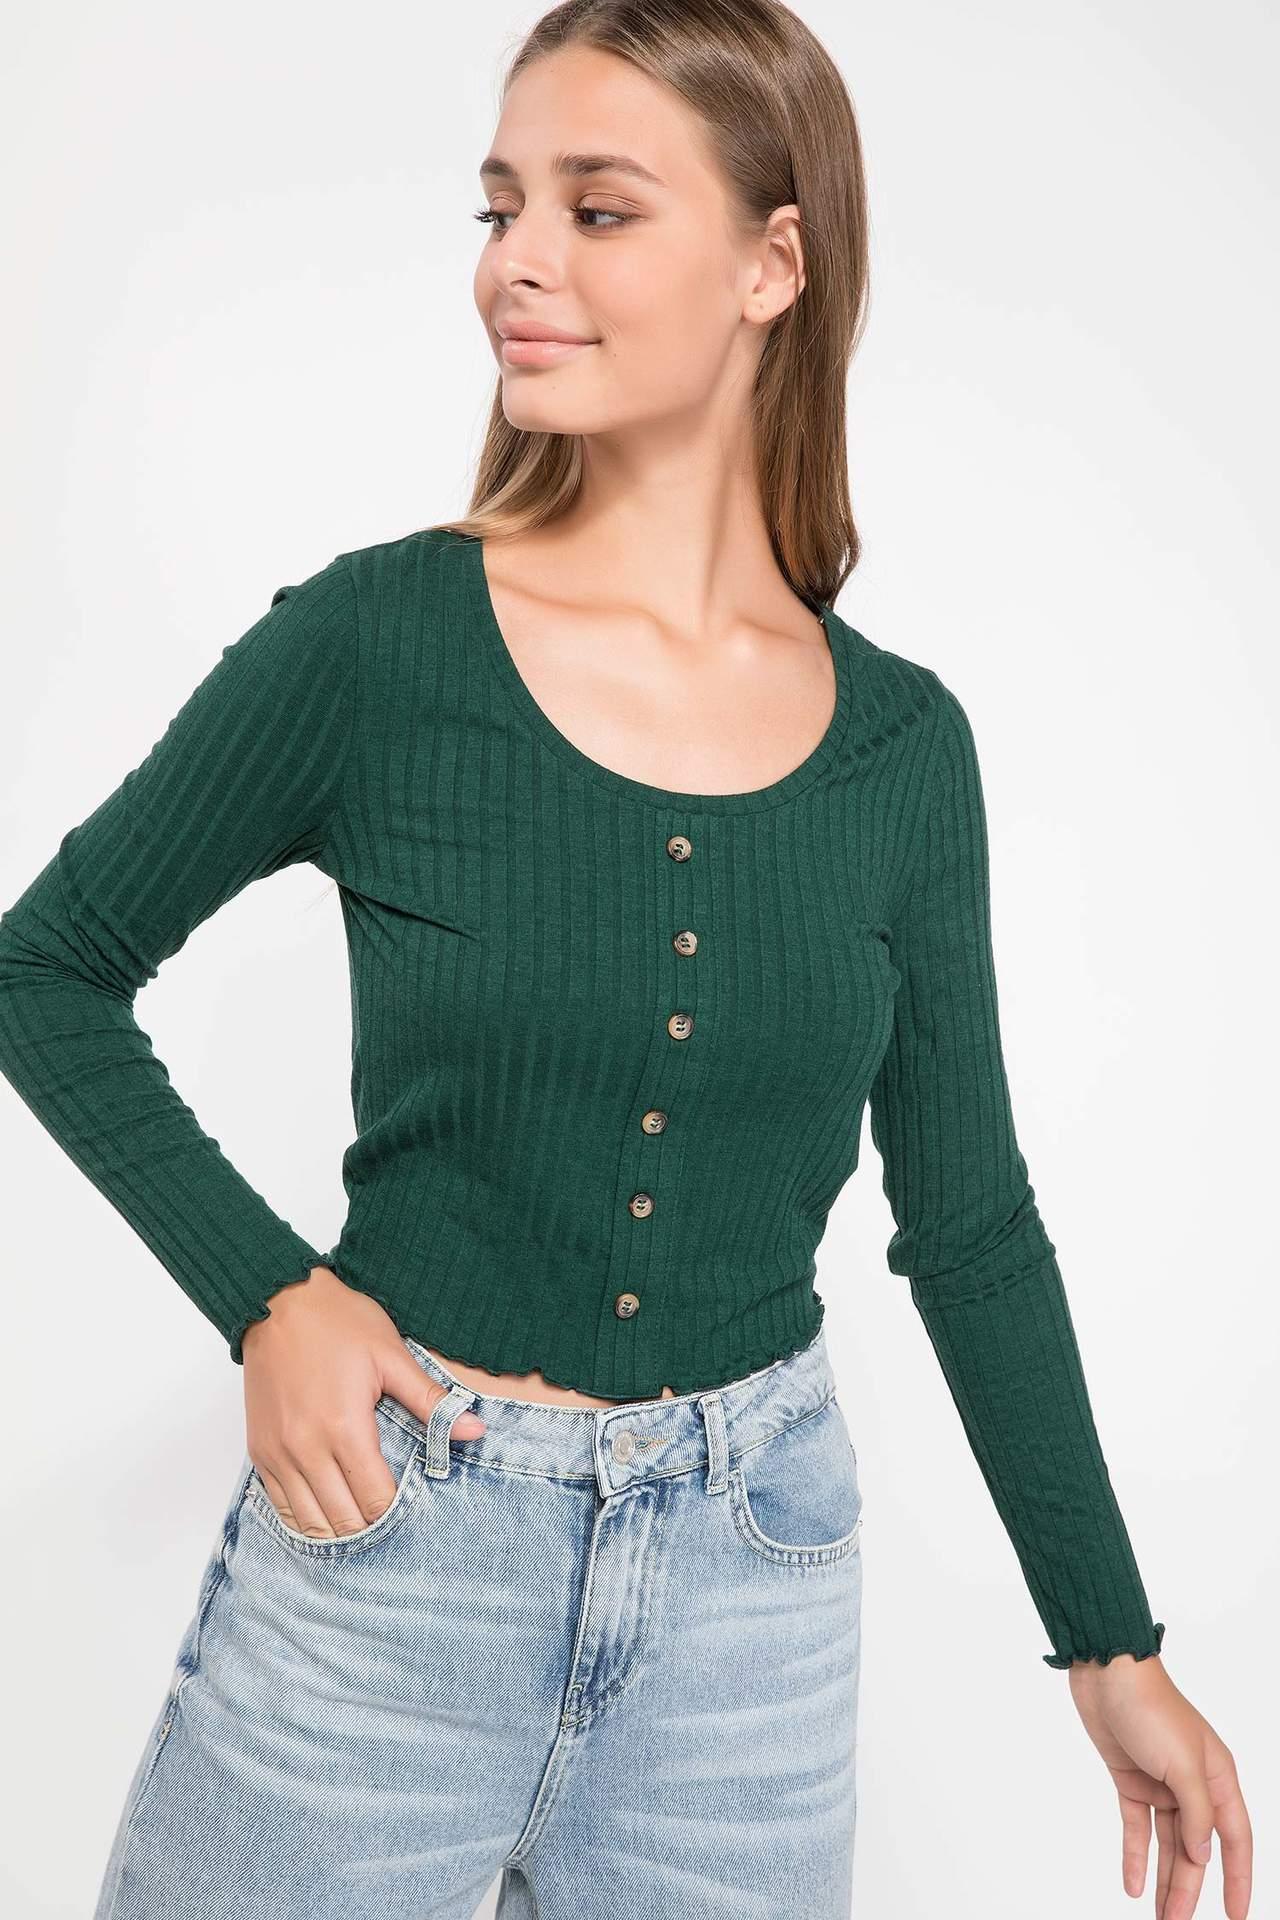 DeFacto Kadın Düğme Detaylı Slim Fit Kısa T-shirt Yeşil female